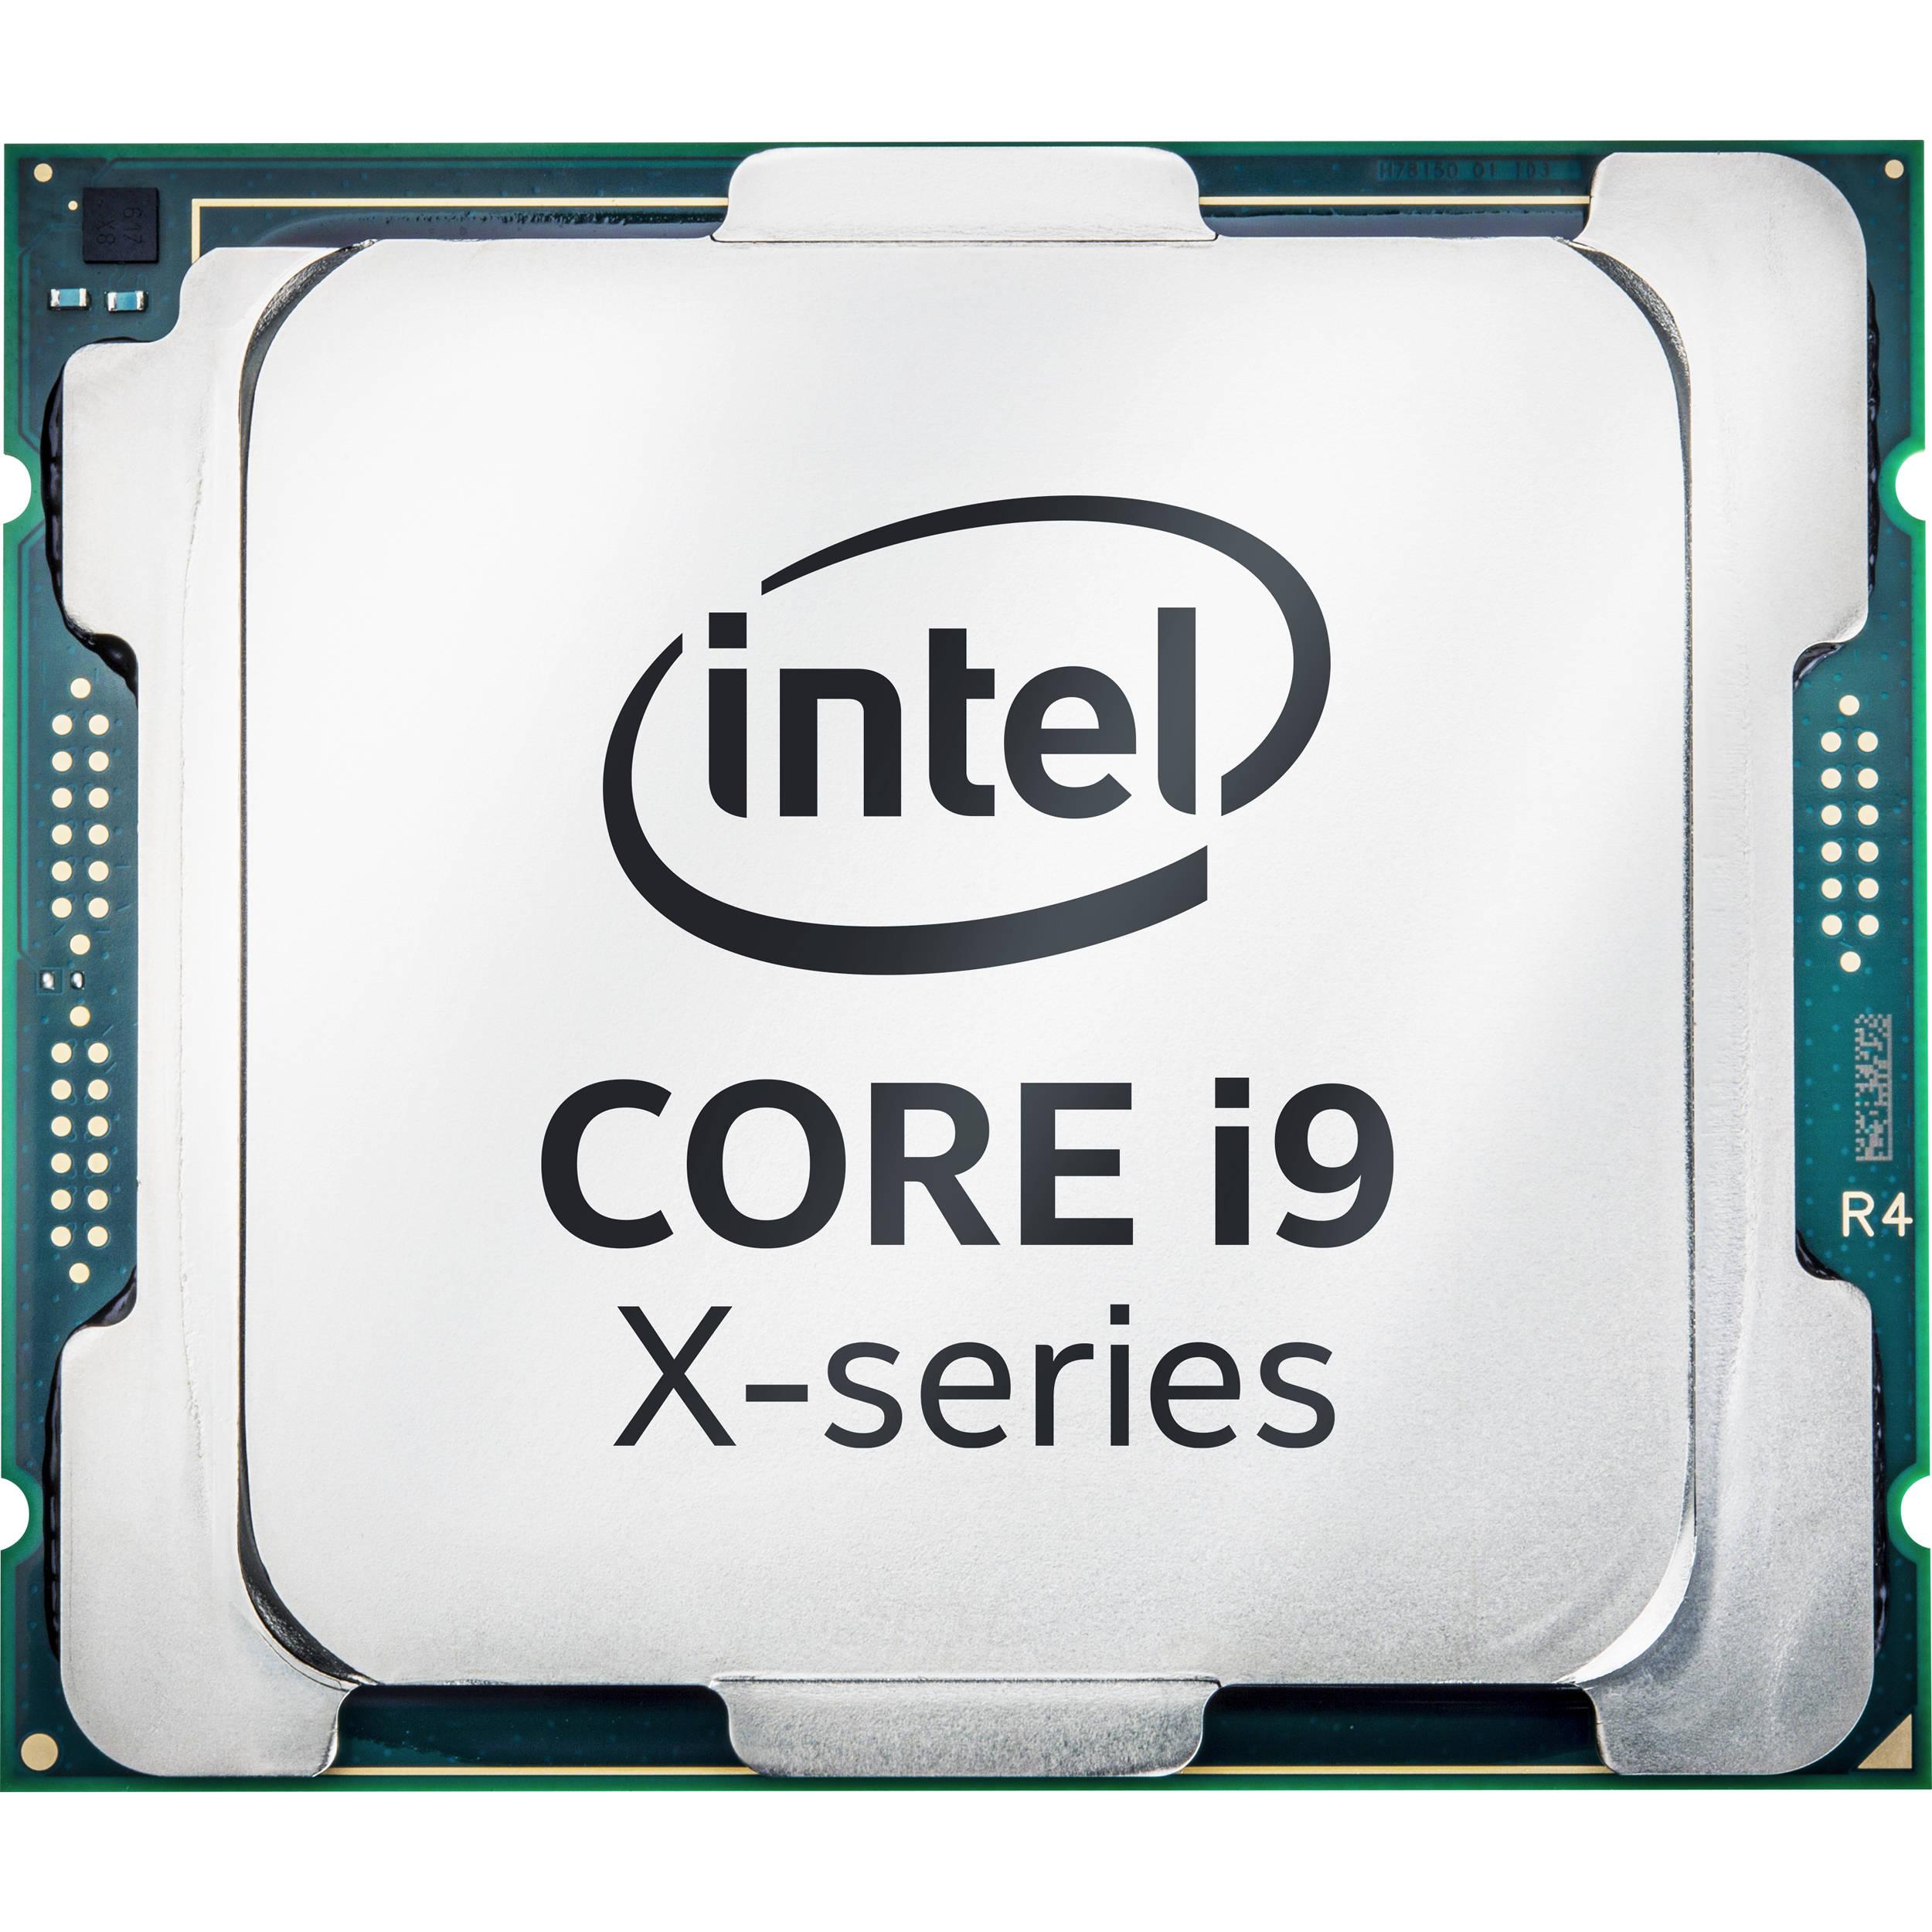 i9: Nova linha de processadores da Intel